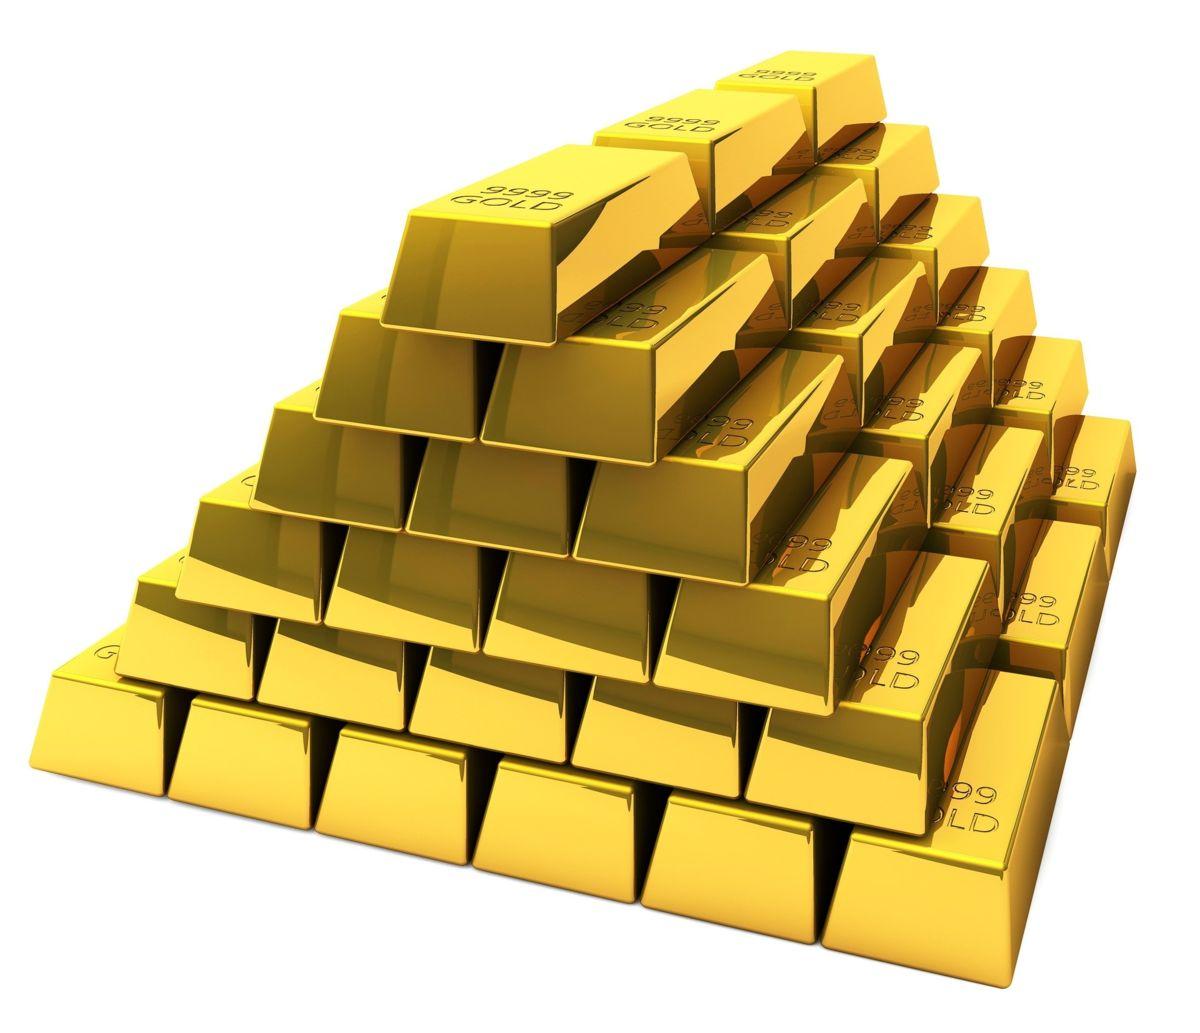 Radio L Wirtschaftsgespräch heute mit viel  Kaffee, wenig Gold und die Post als Dienstleister